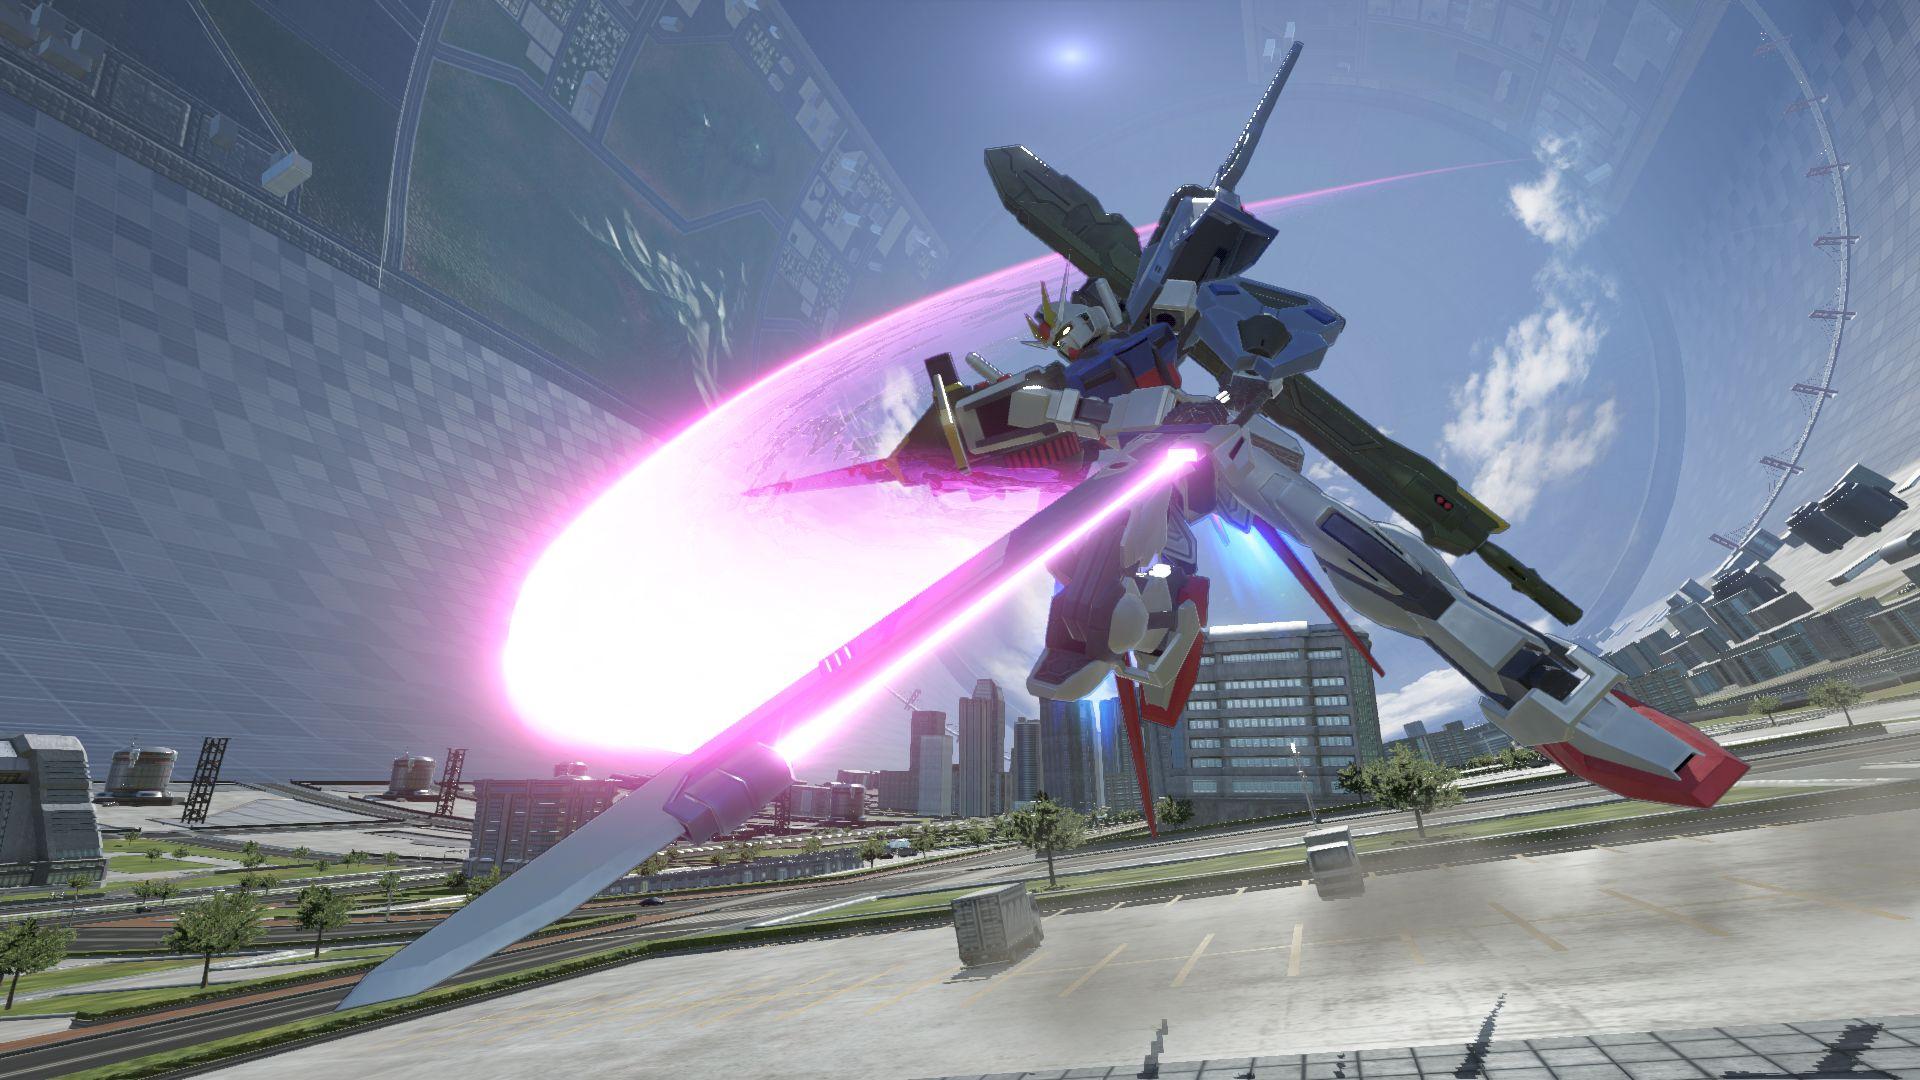 画像集 008 Gundam Versus 新たな追加機体であるガンダム グシオンリベイクと